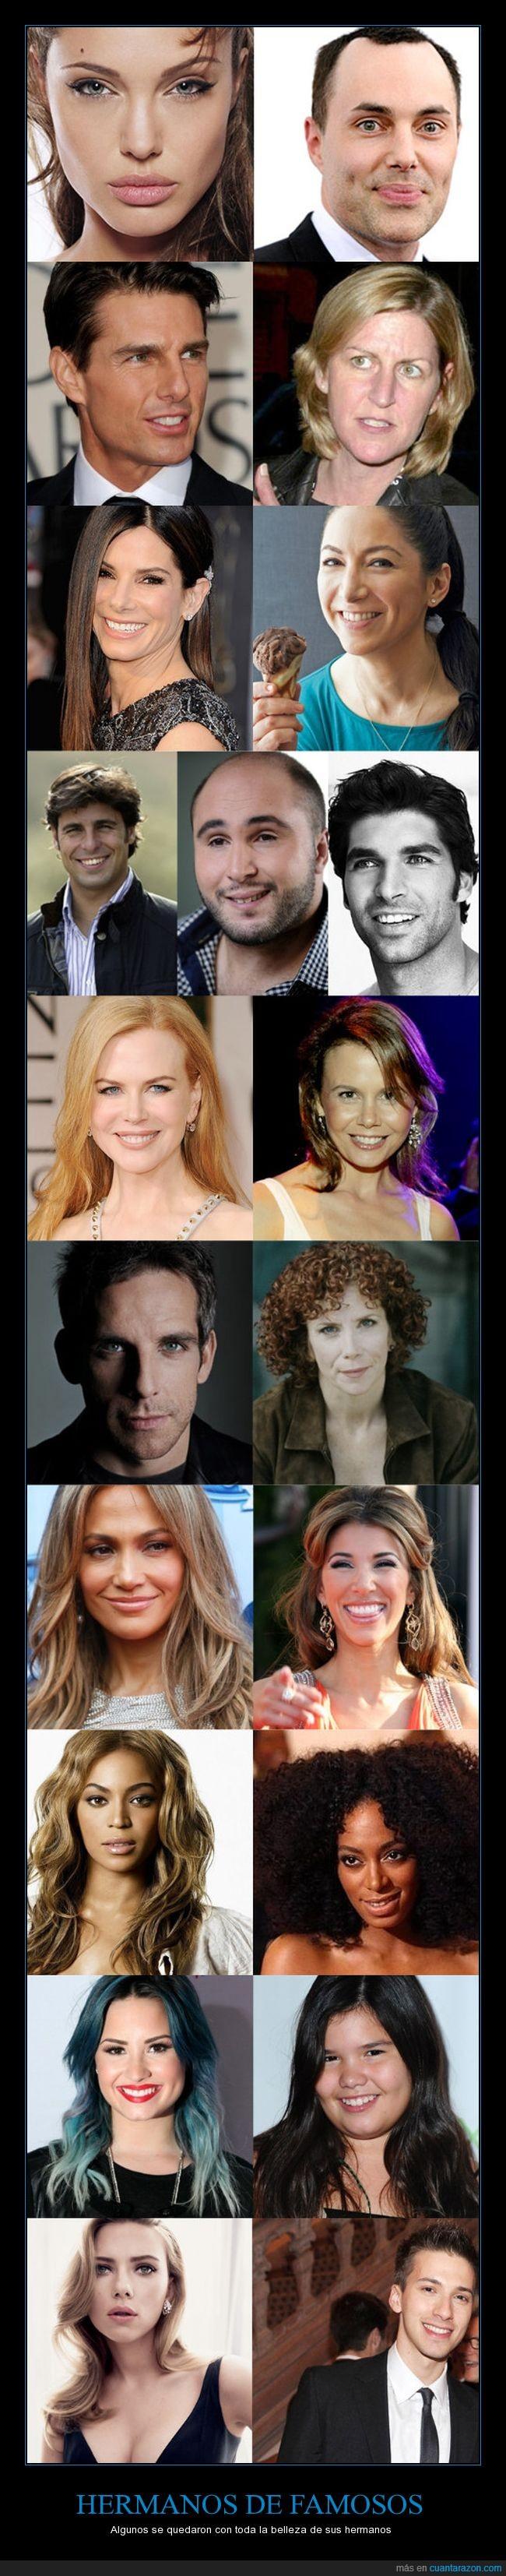 belleza,diferencia,diferente,estrellas,famosos,genética,hermanos,parecido